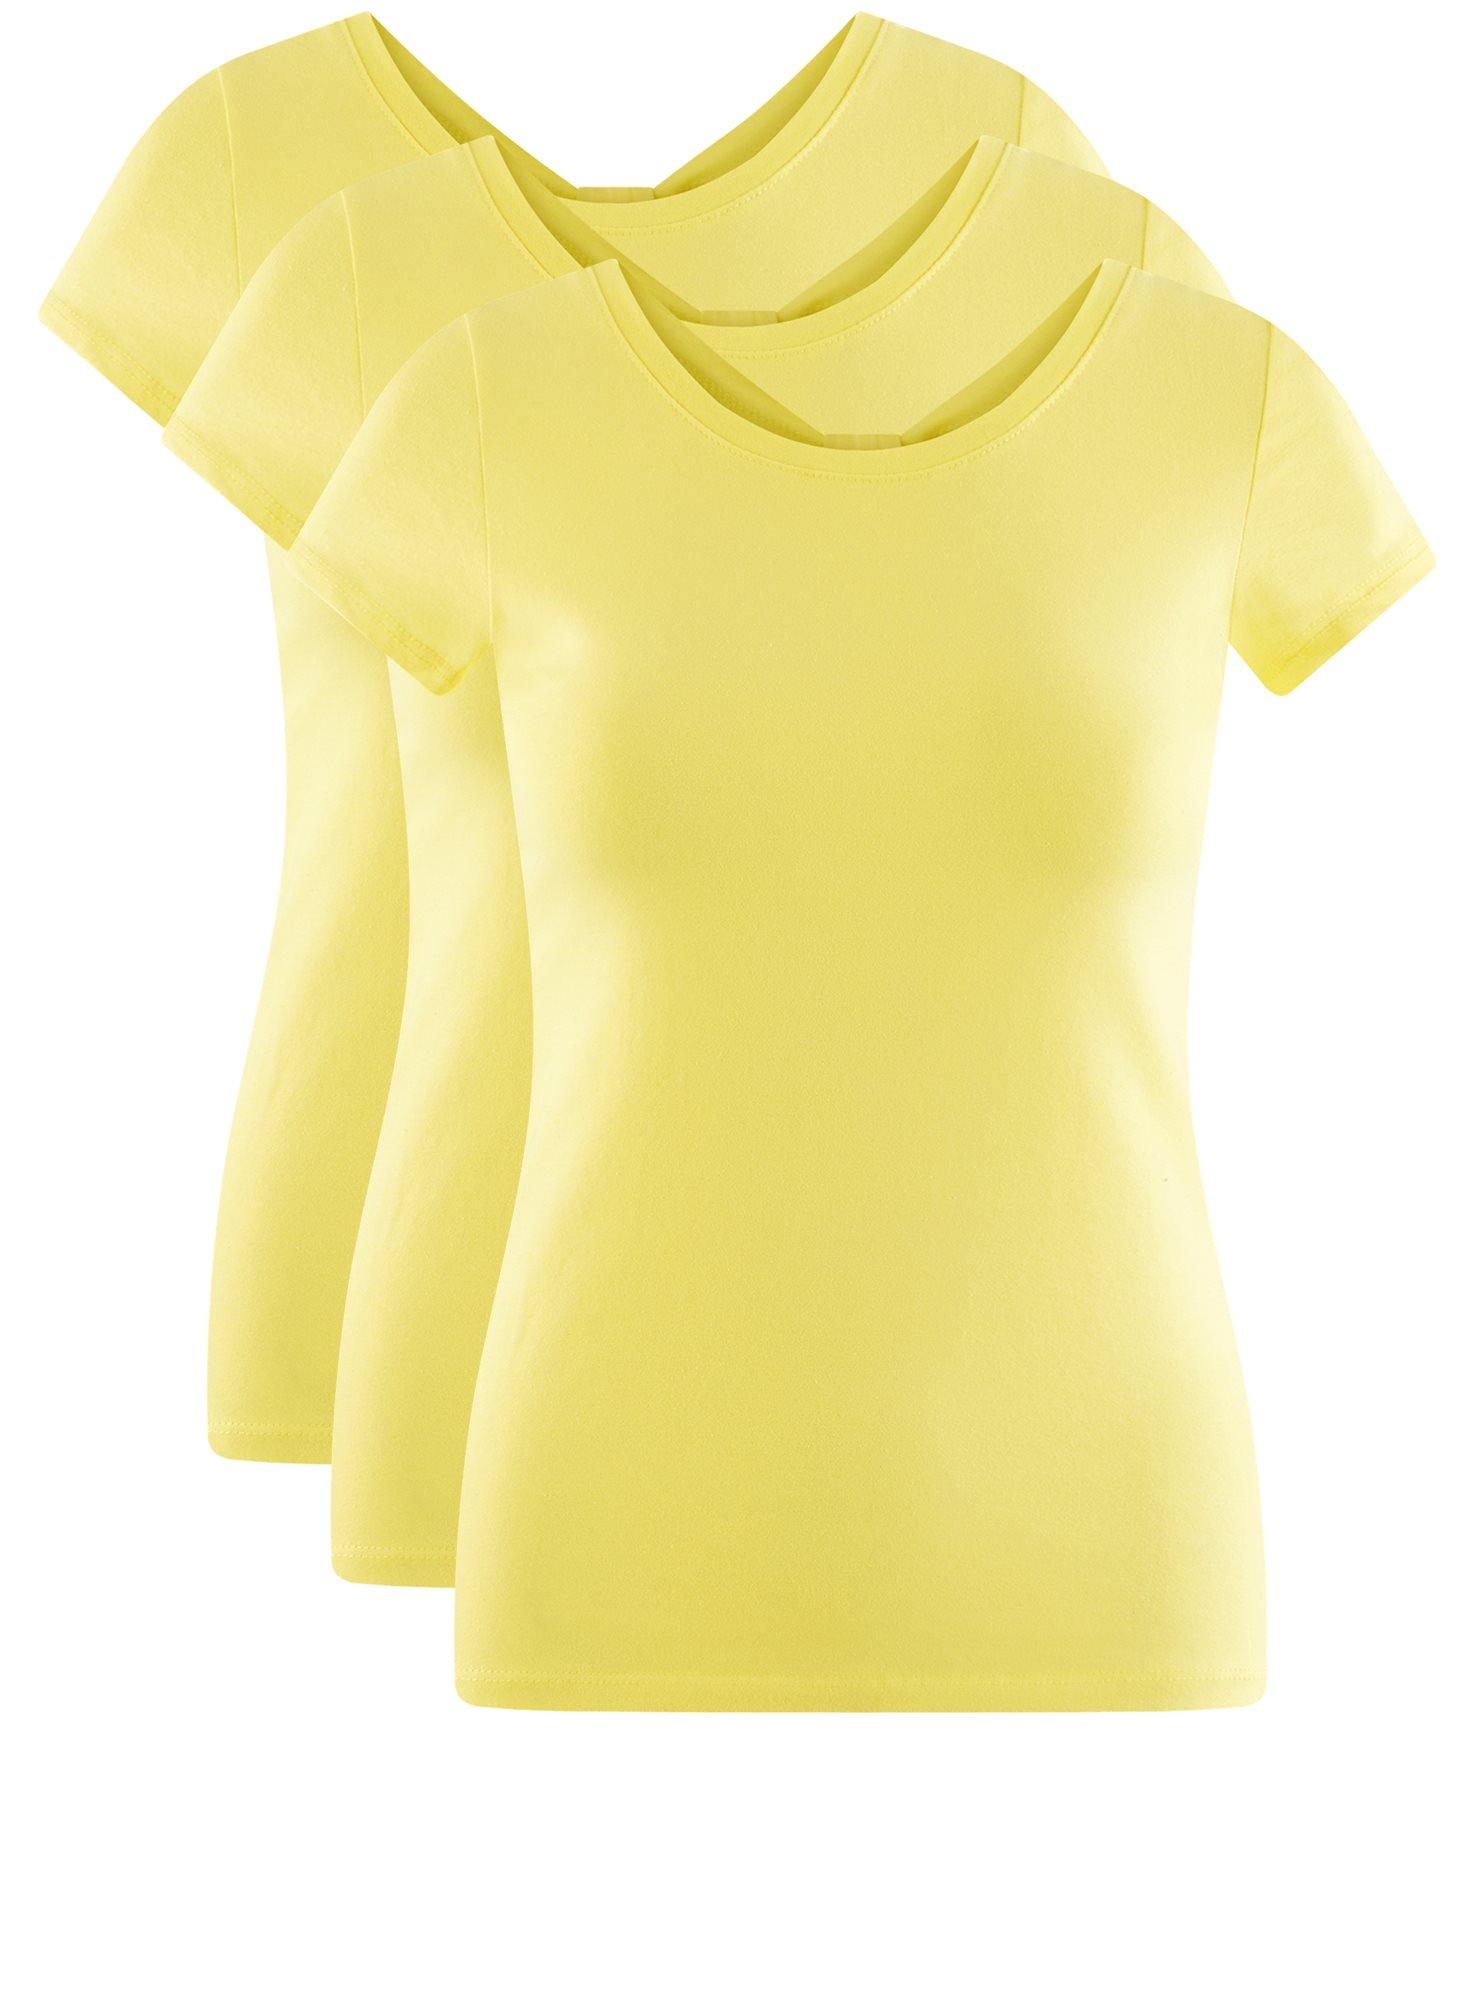 Комплект футболок с вырезом-капелькой на спине (3 штуки) oodji для женщины (желтый), 14701026T3/46147/6700N